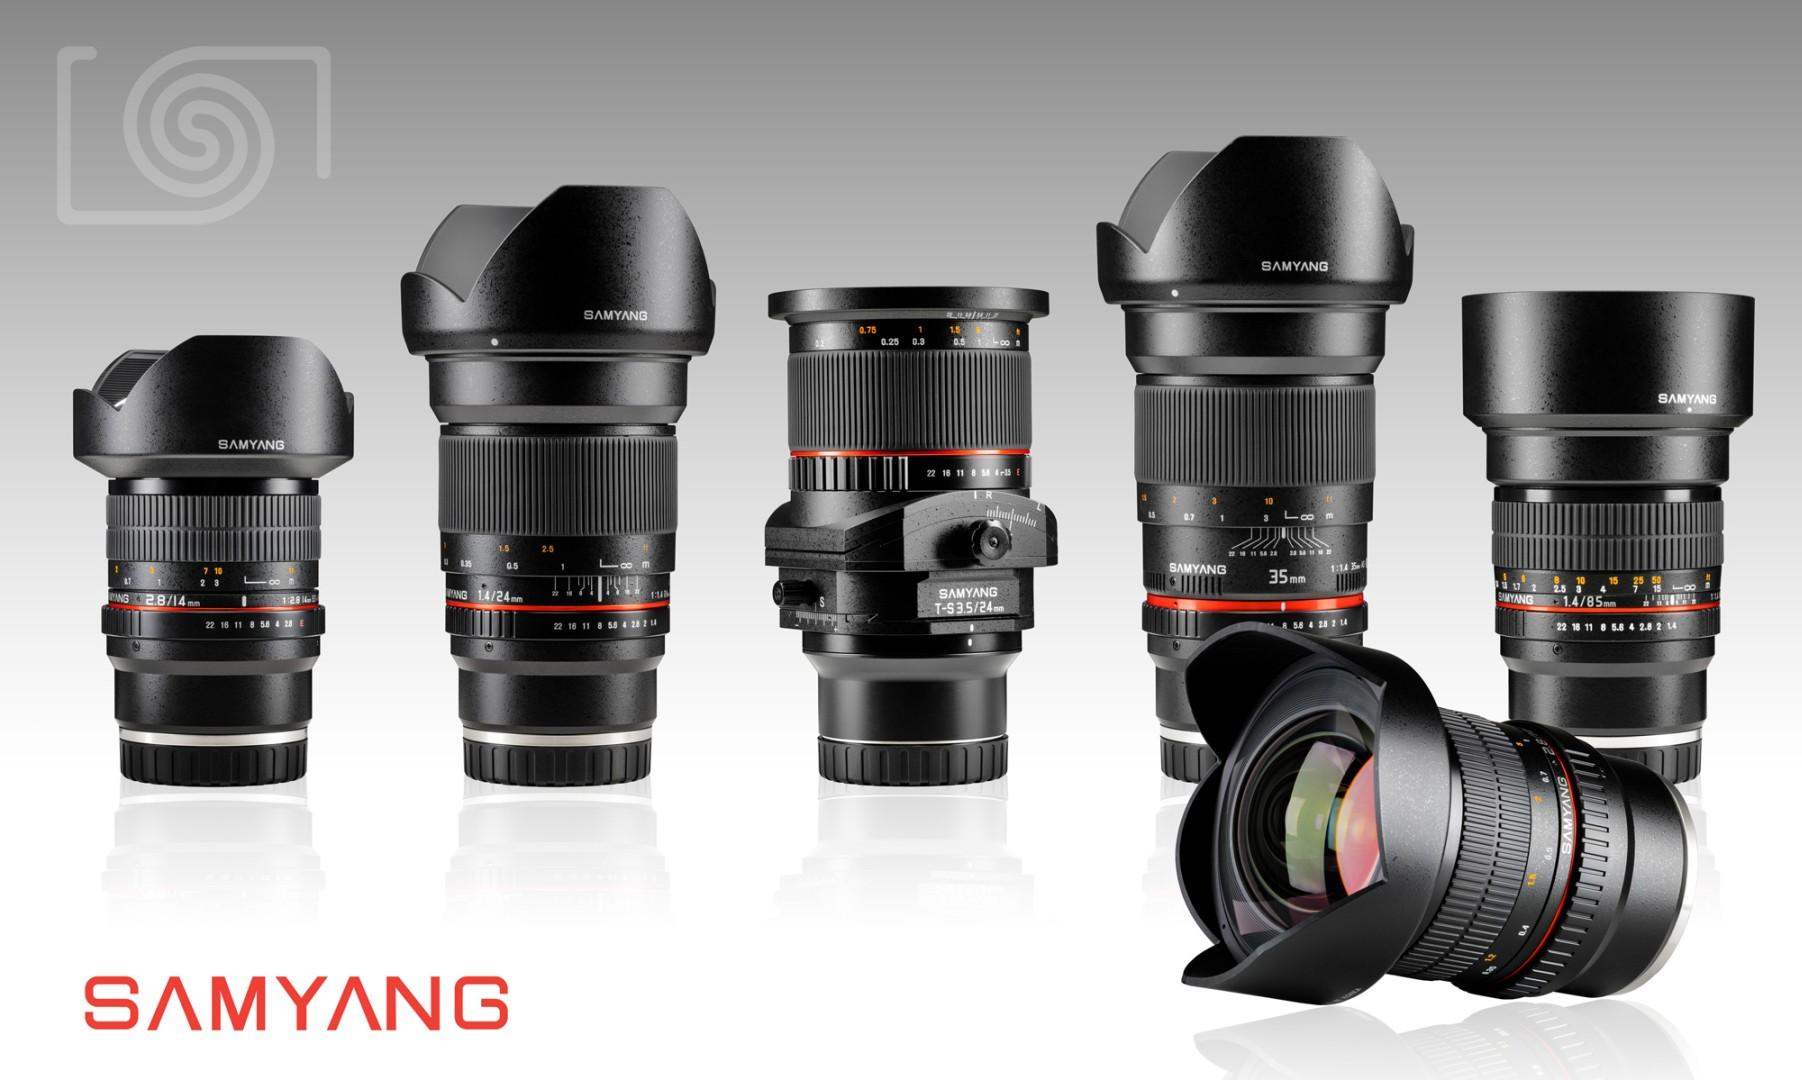 Samyang Releases 5 New Full-Frame Lenses for Sony E-Mount